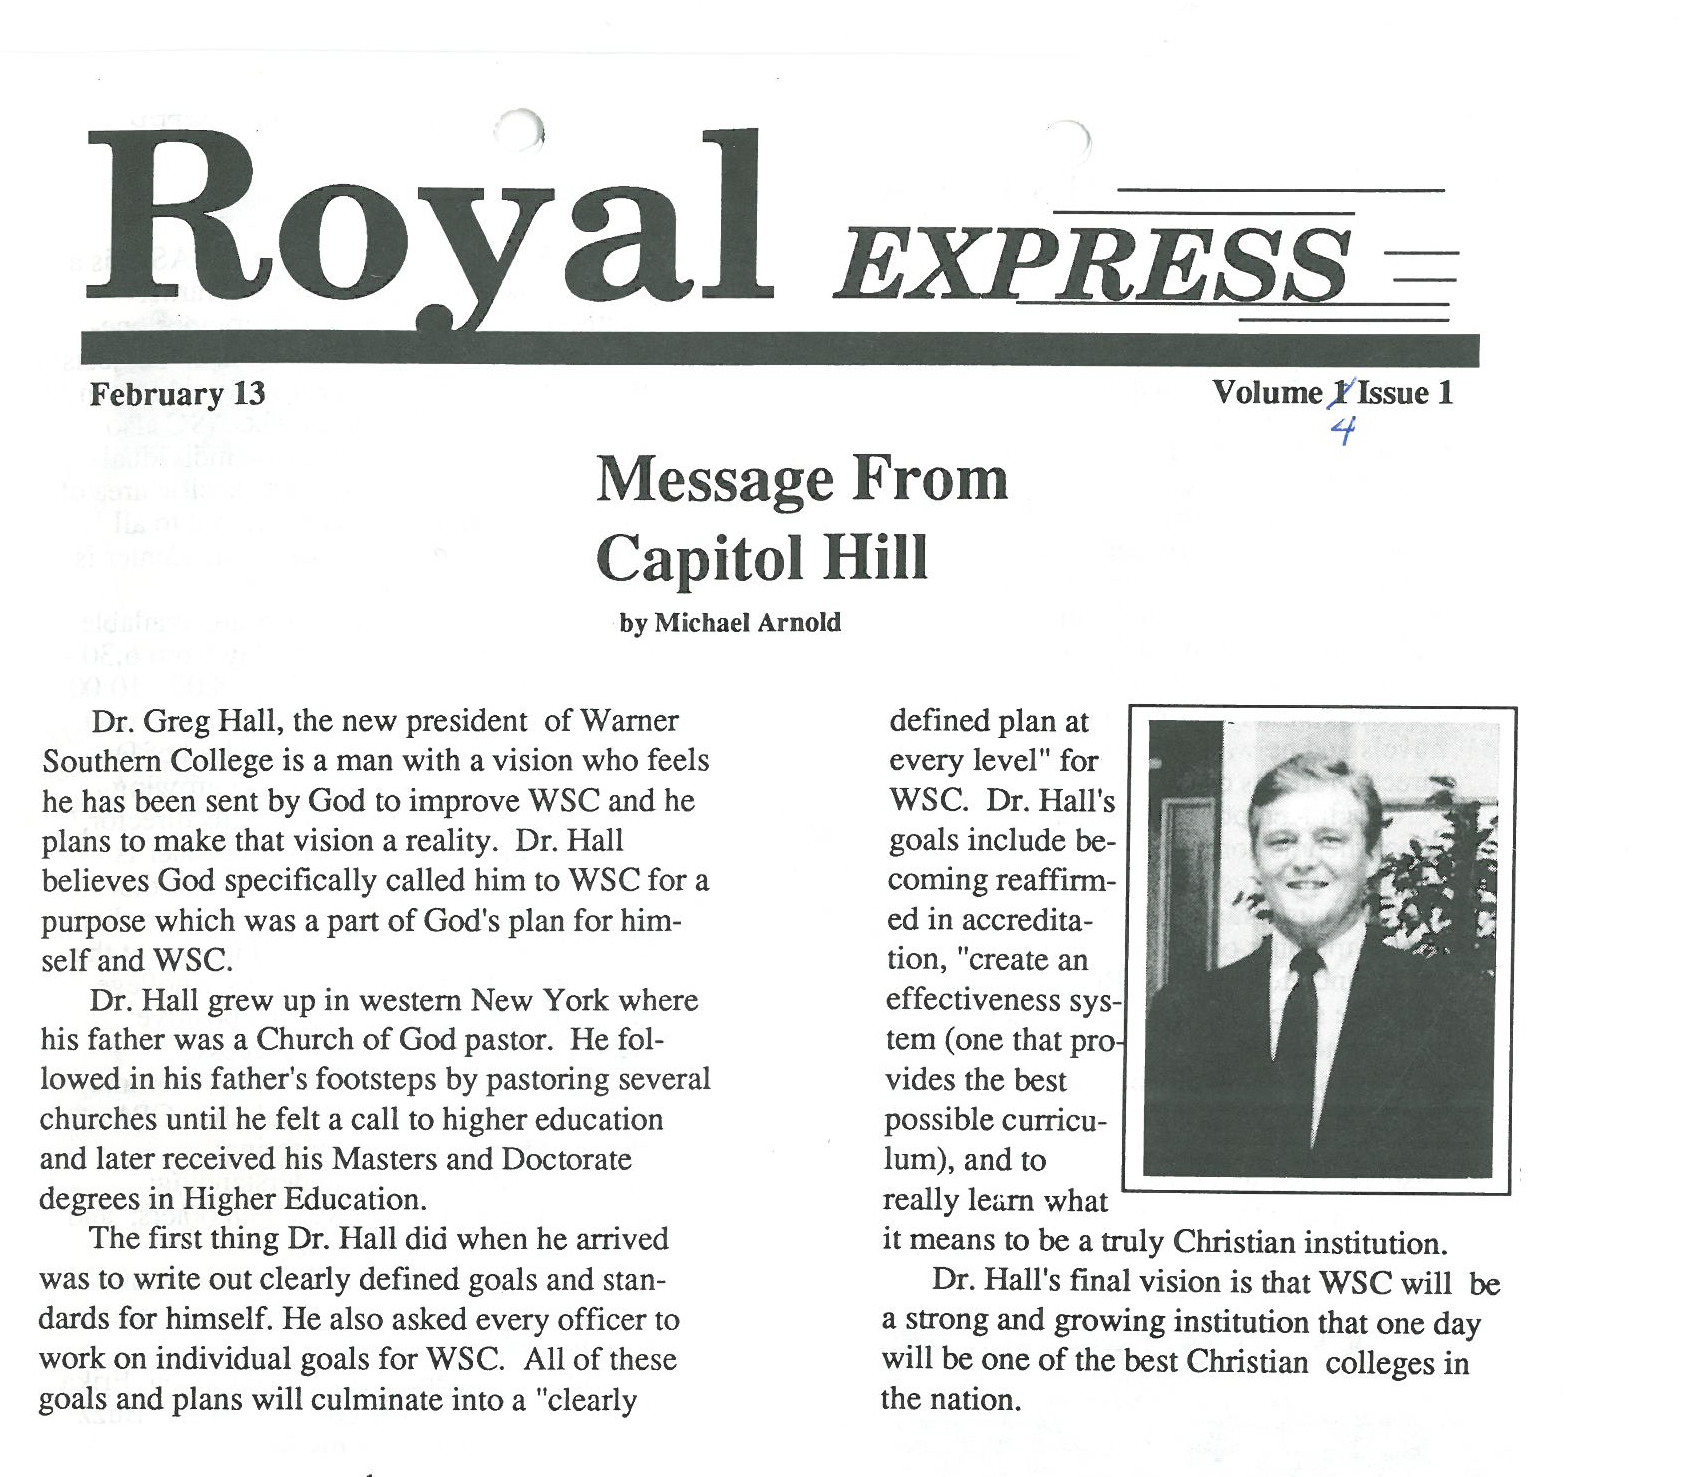 RoyalExpress